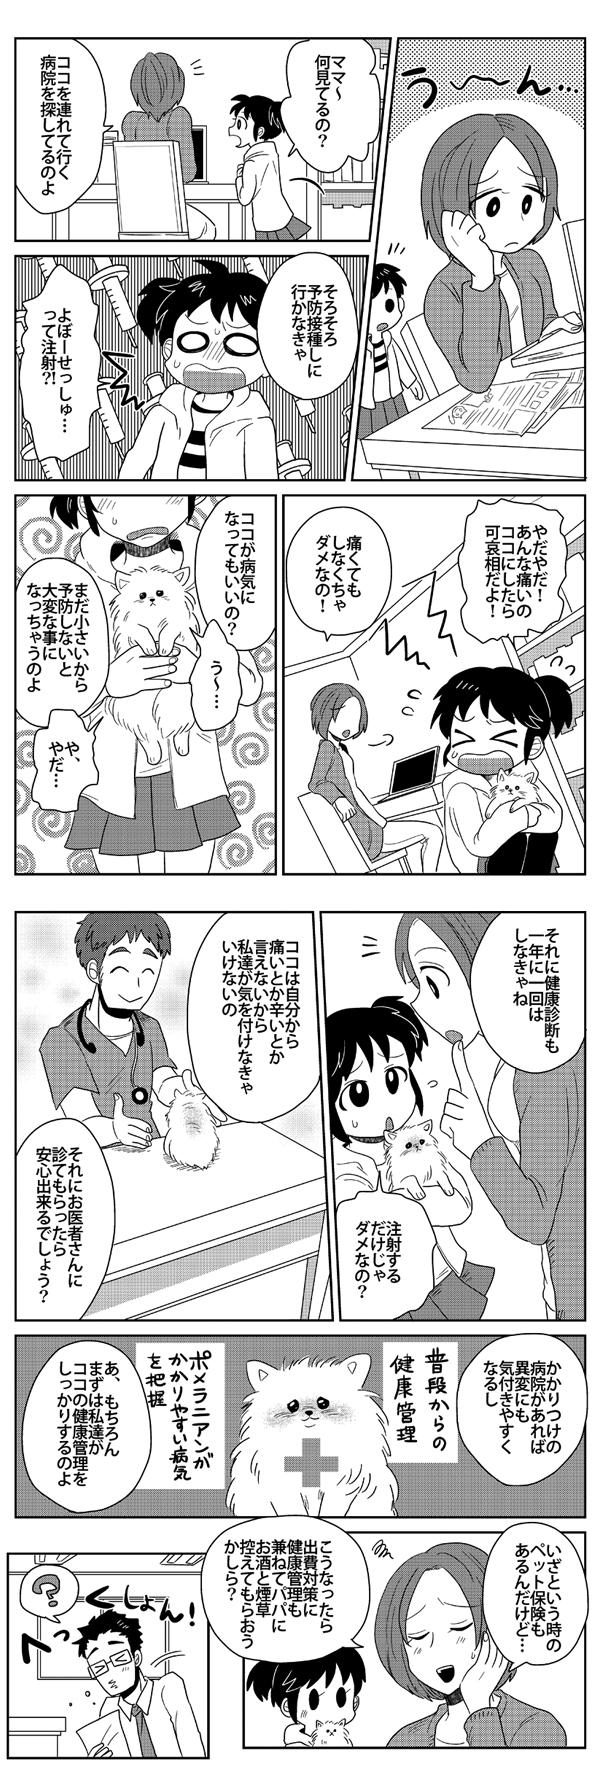 ポメラニアン漫画6